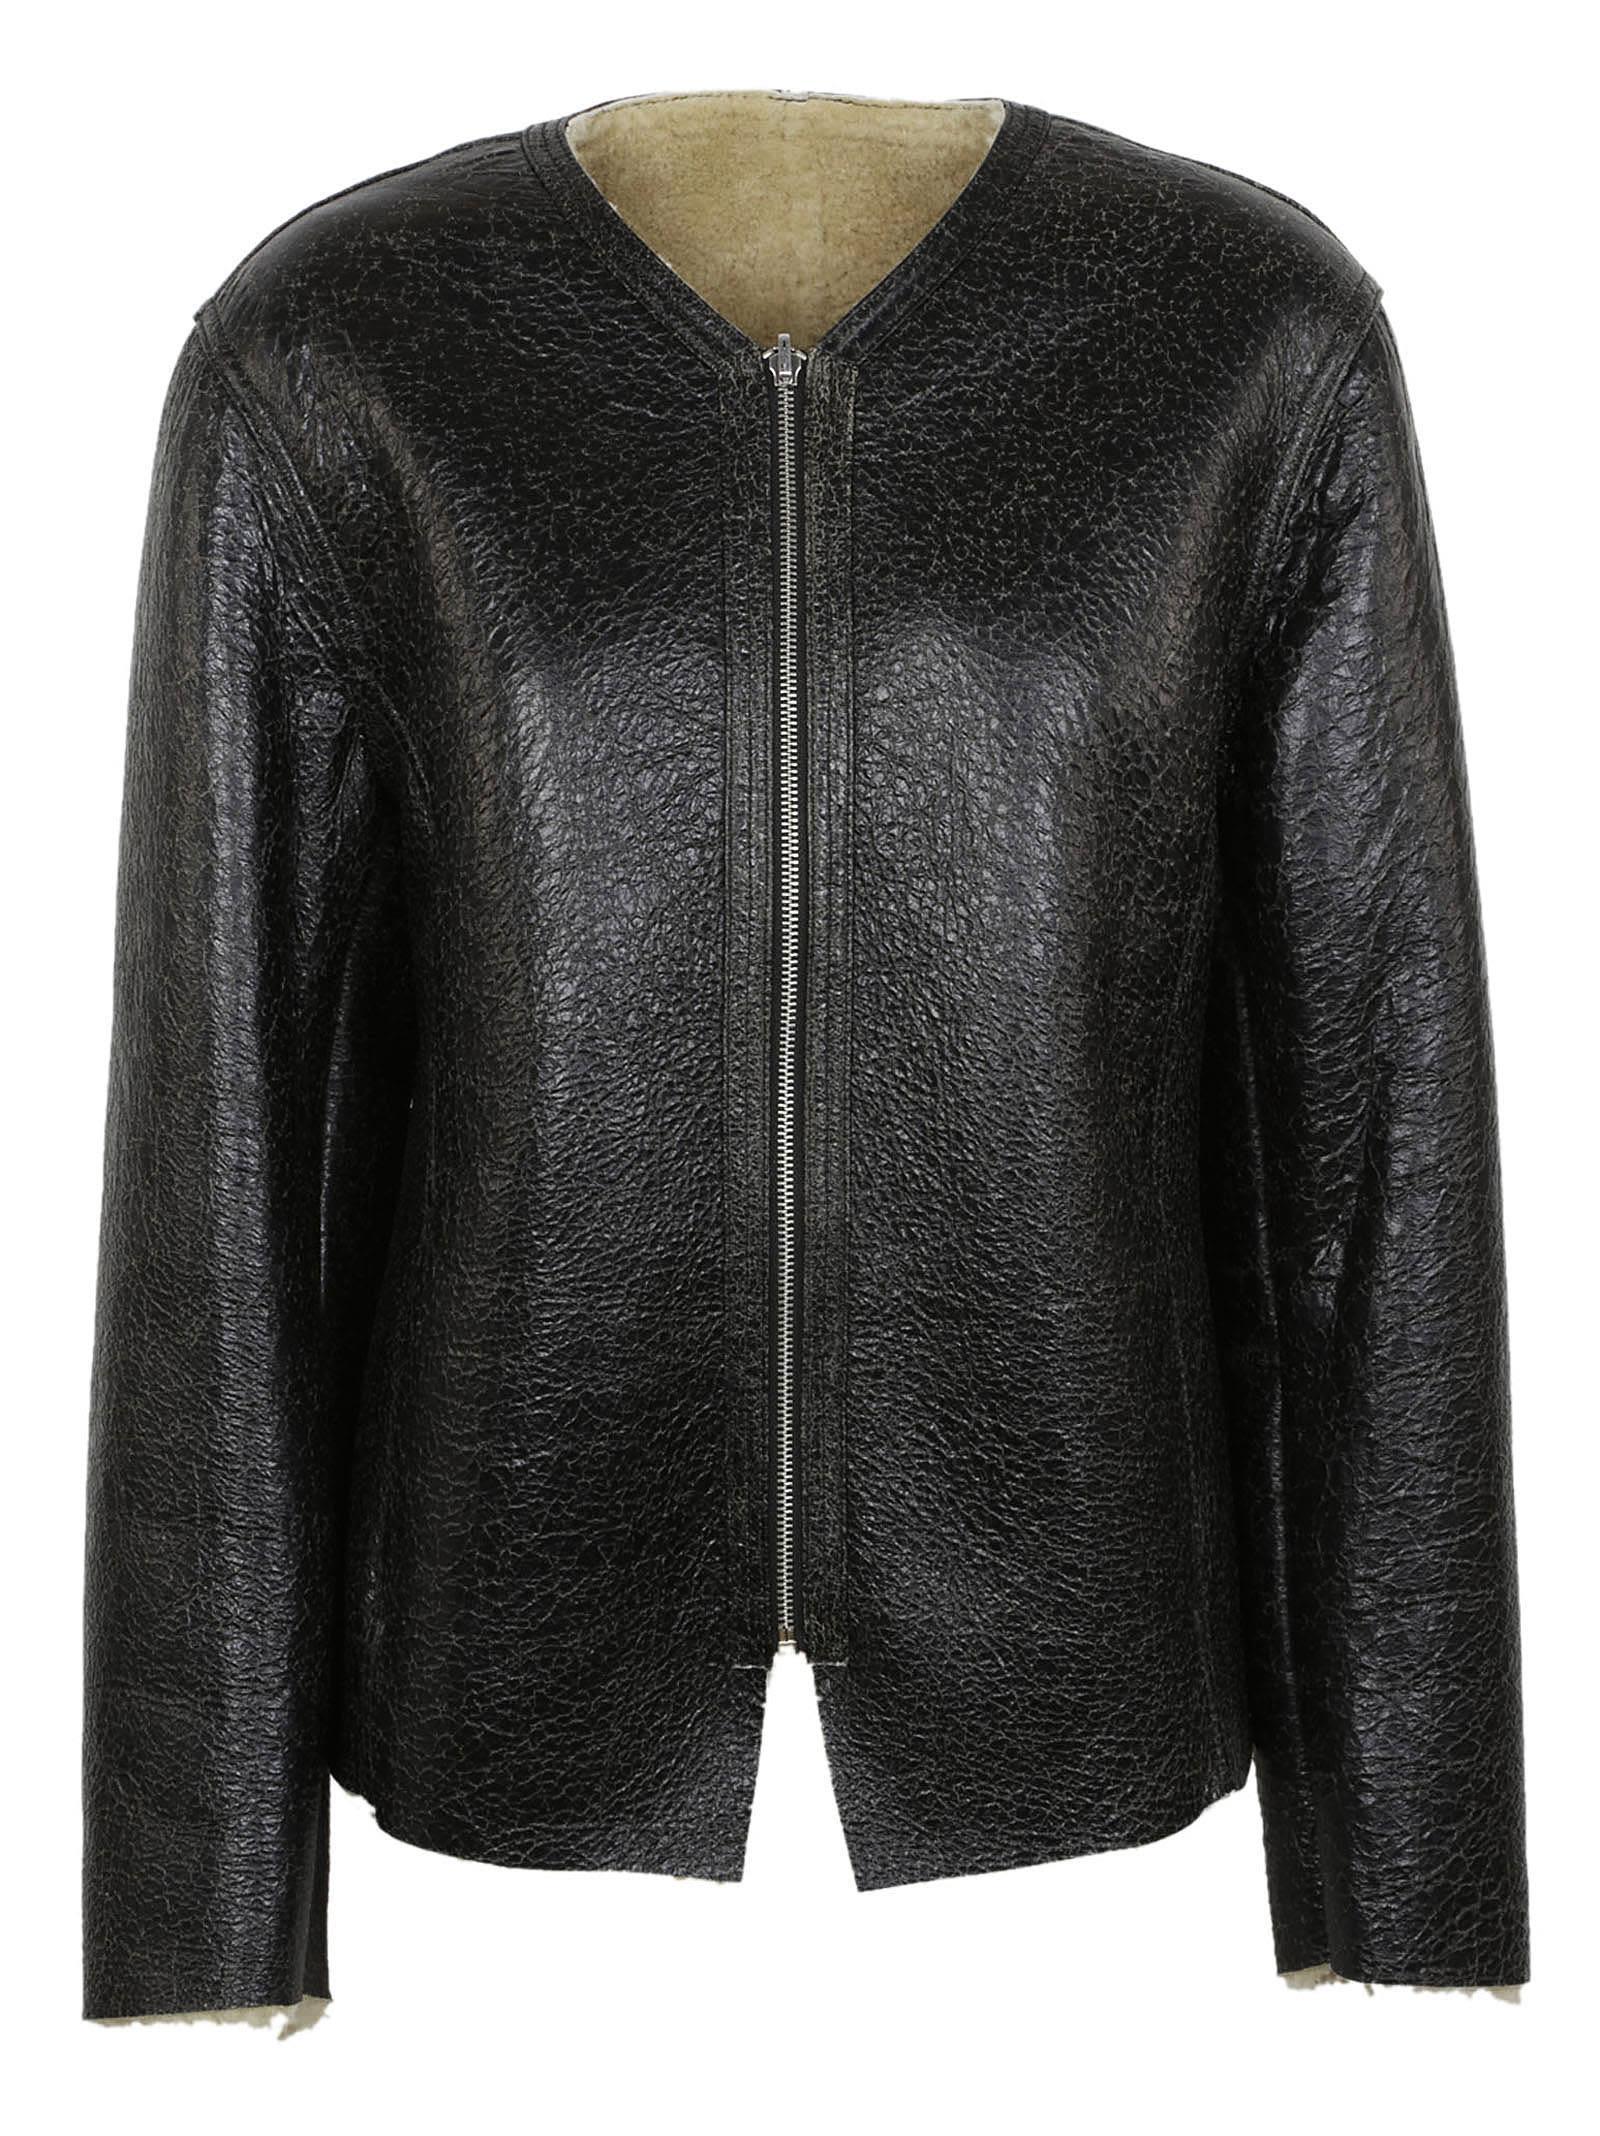 Isabel Marant Izy Vintage Sherling Jacket